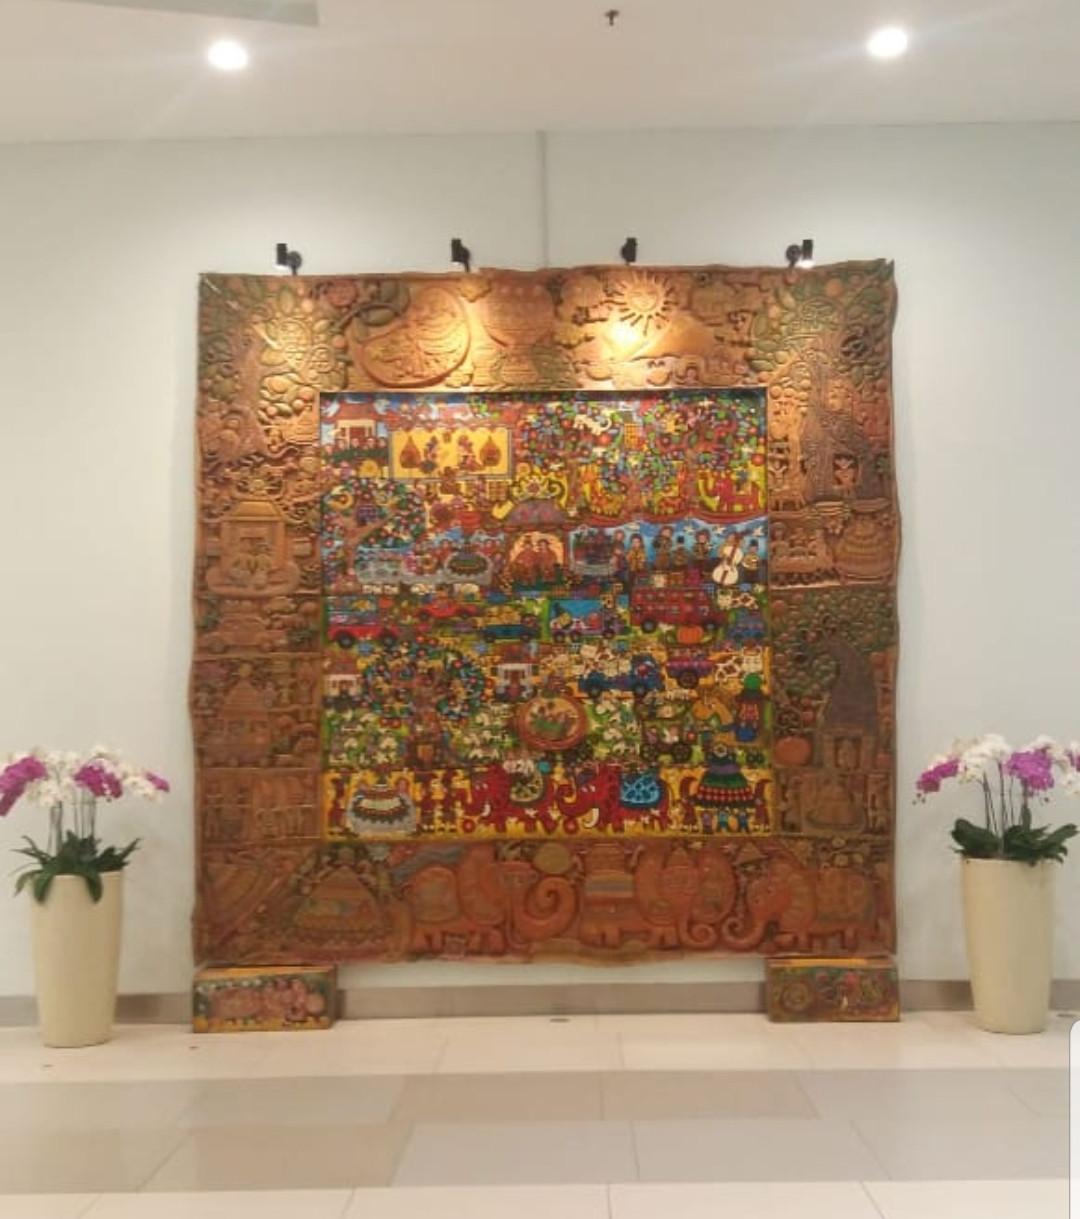 Erica Hestu Wahyuni's artworks grace Soekarno-Hatta's Terminal 3